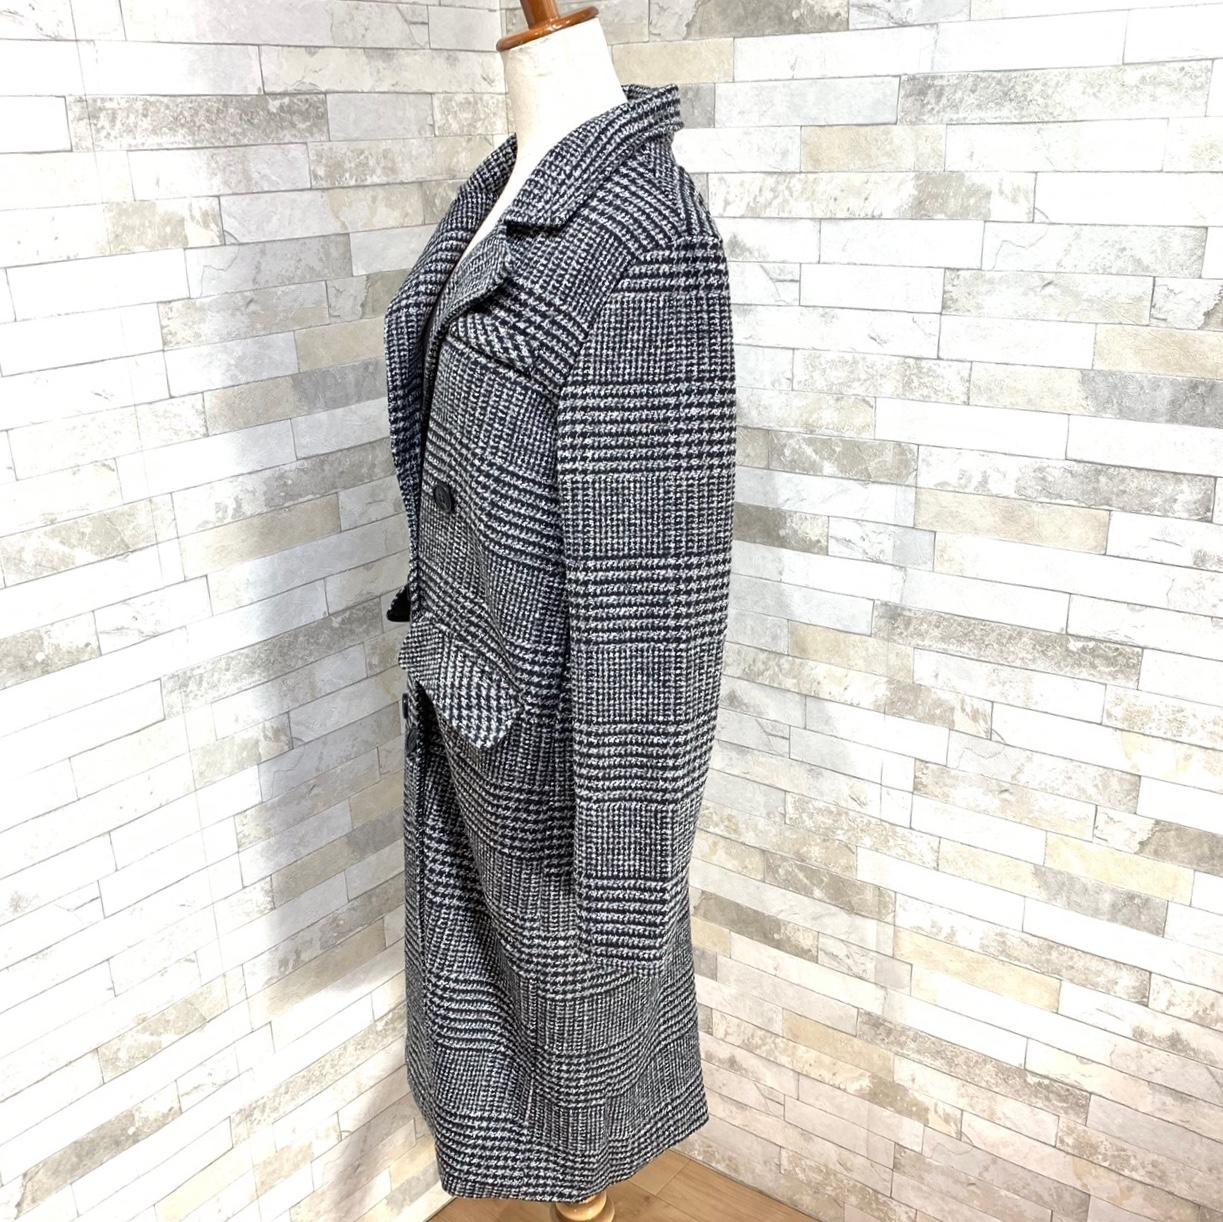 【即納】韓国 ファッション アウター コート 秋 冬 カジュアル SPTXD248  グレンチェック ダブル ロング チェスター オフィス エレガント オルチャン シンプル 定番 セレカジの写真16枚目